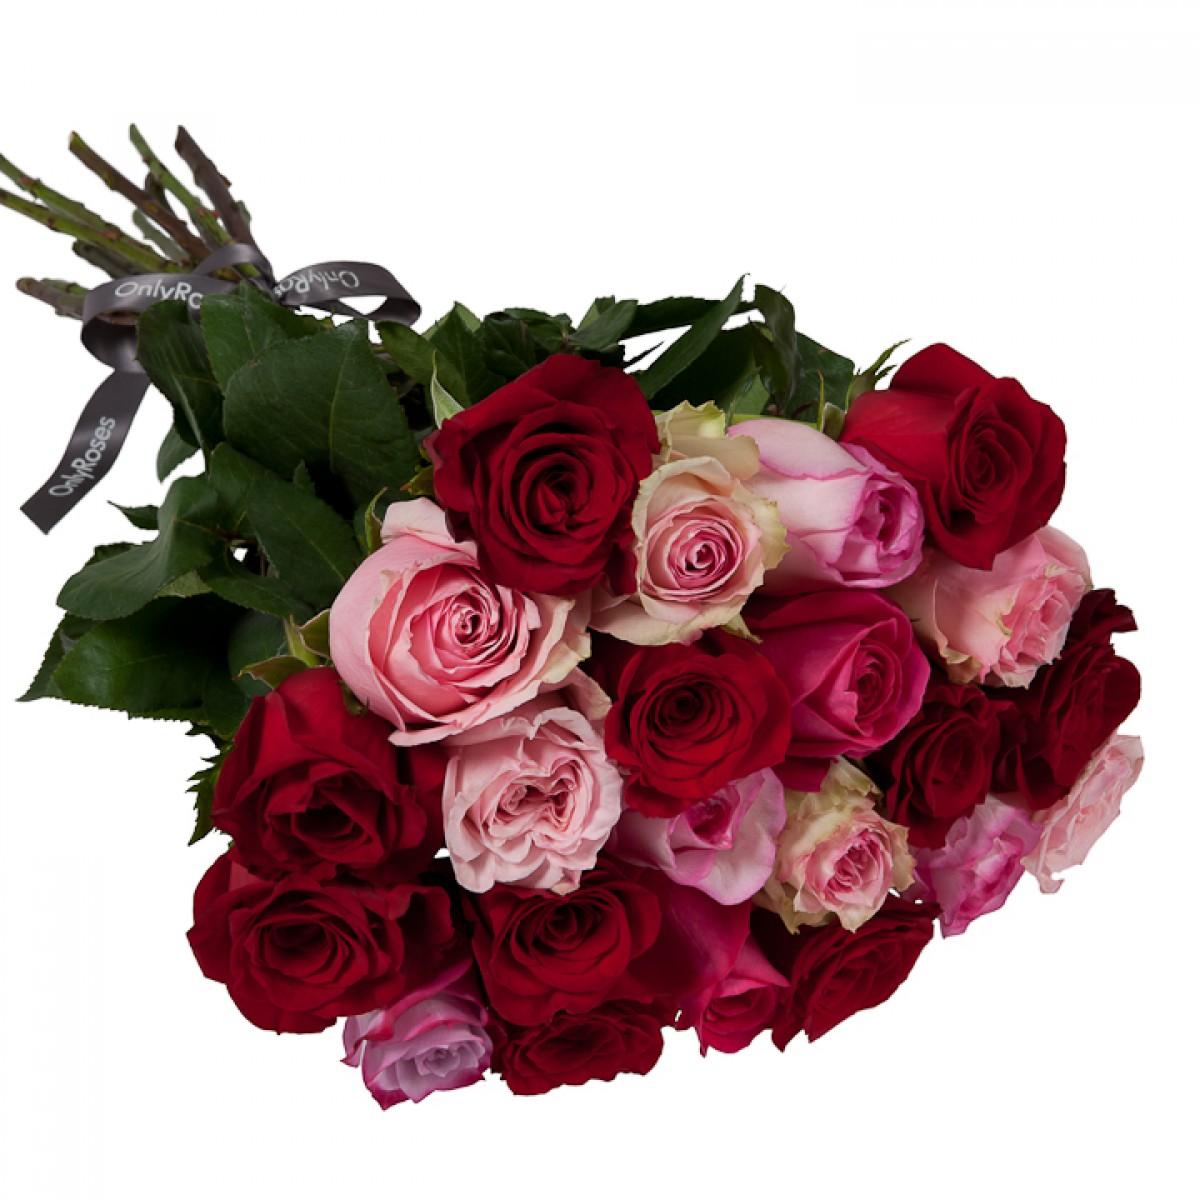 Букет от 11 до 15 рози в червено/розова гама (ти избираш броя)